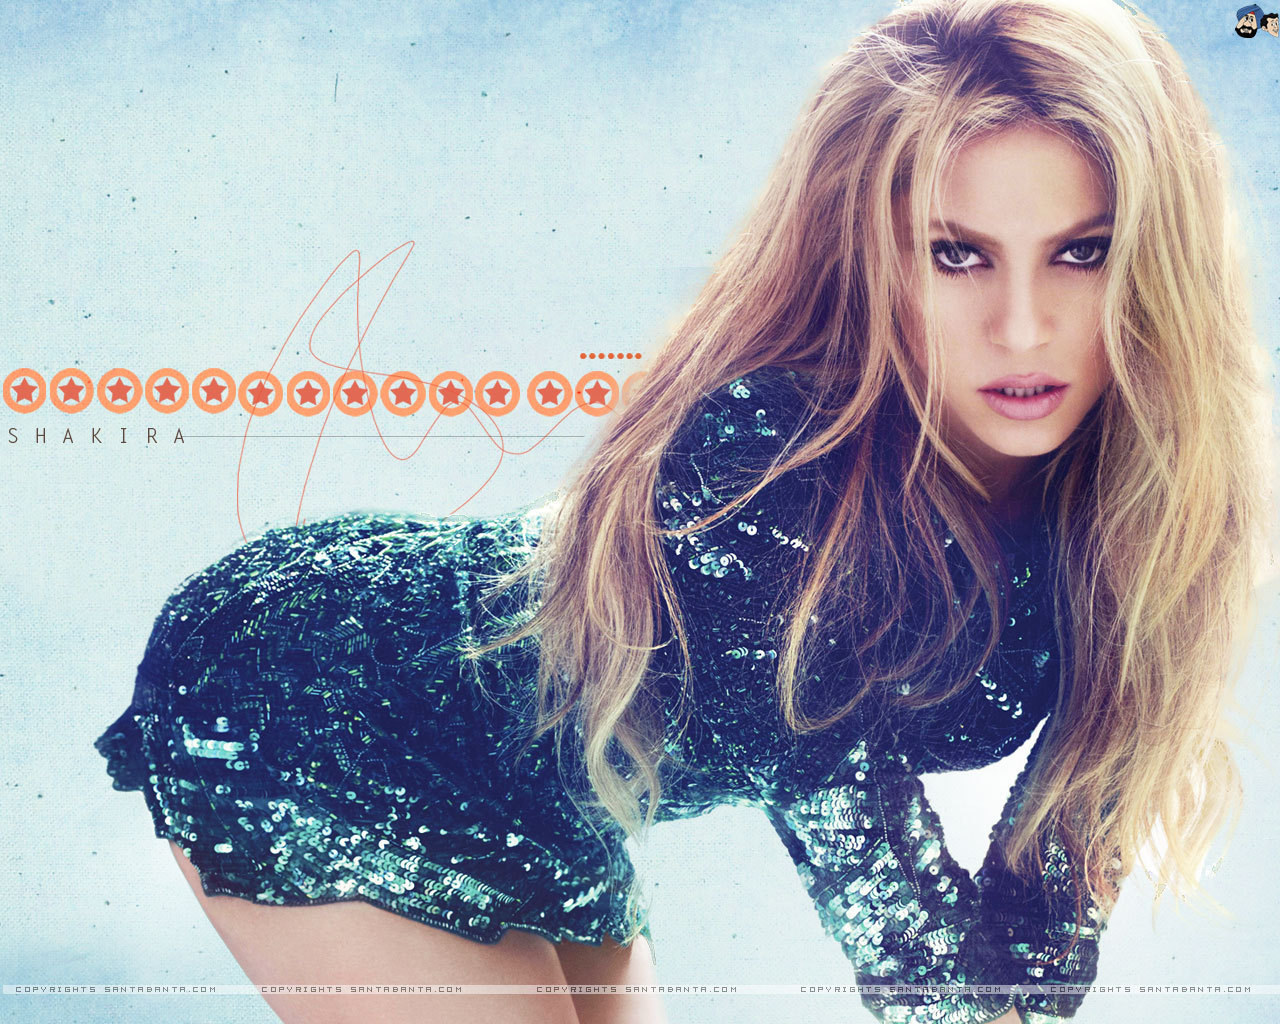 Shakira - Shakira Wallpaper (14652317) - Fanpop Shakira